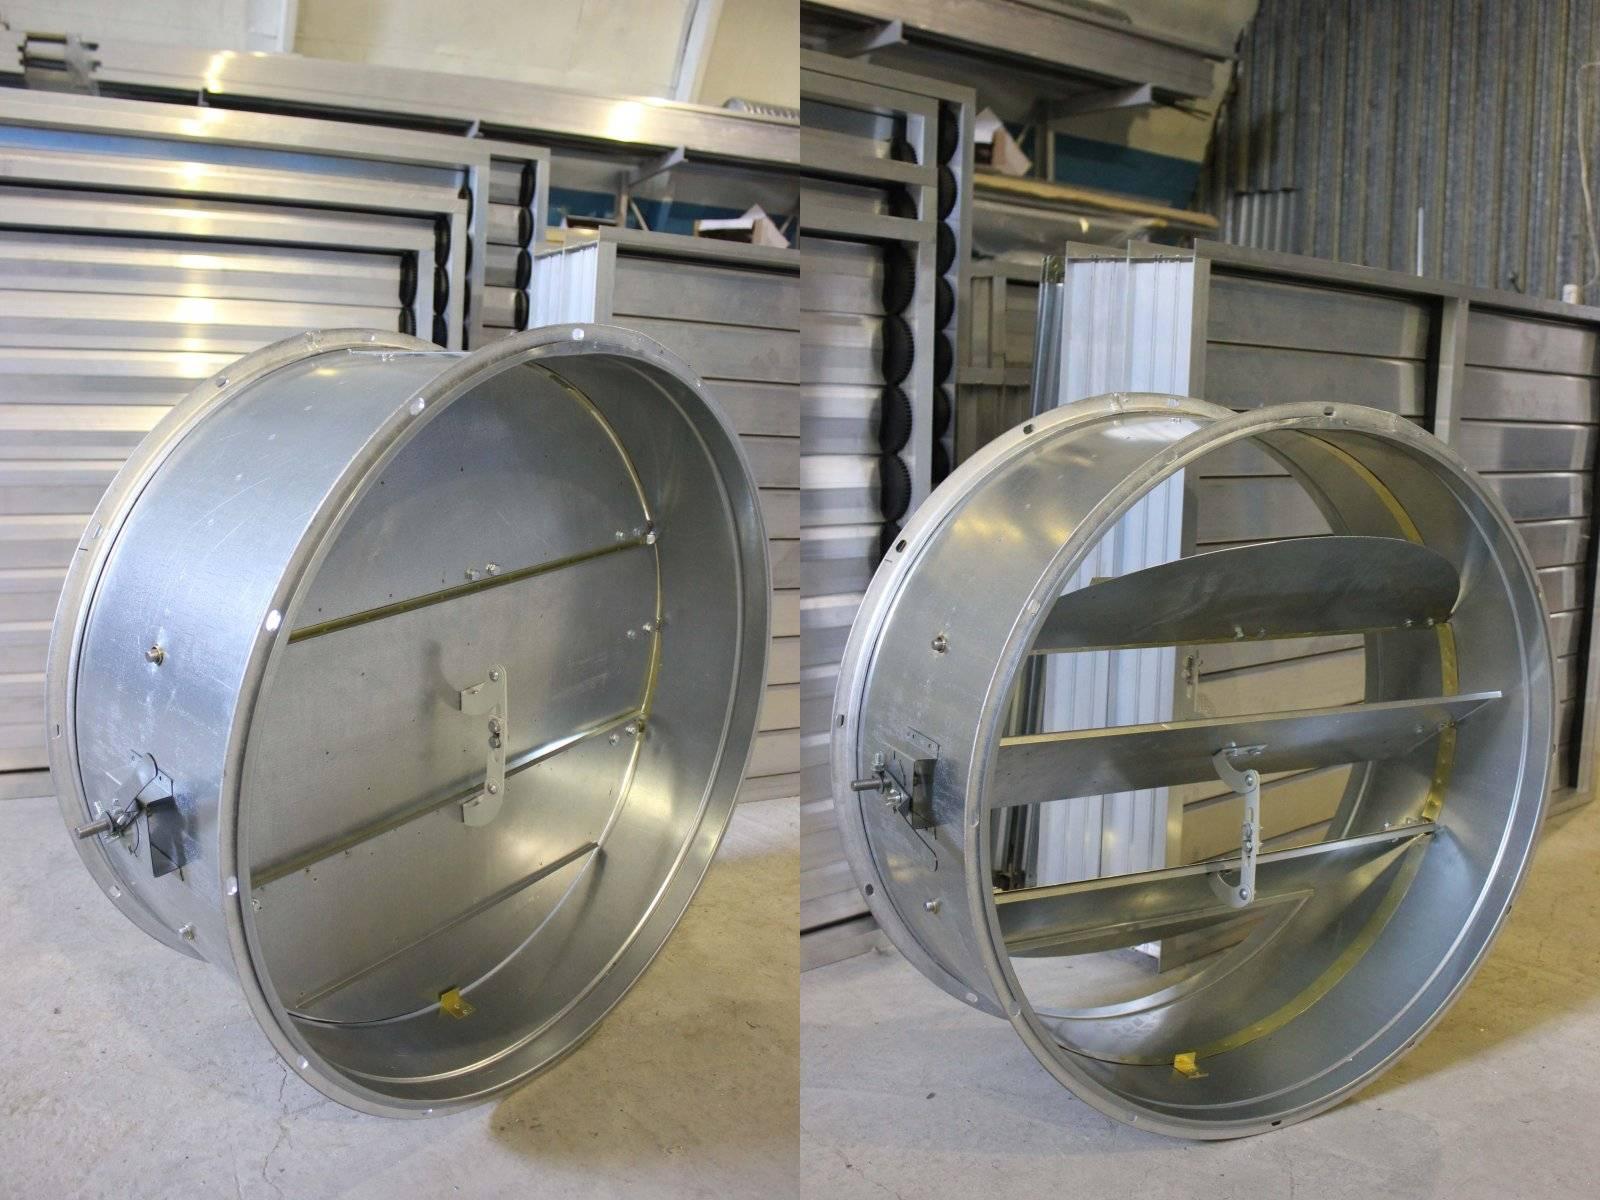 Виды и назначение воздушных клапанов для вентиляции, установка и эксплуатация оборудования